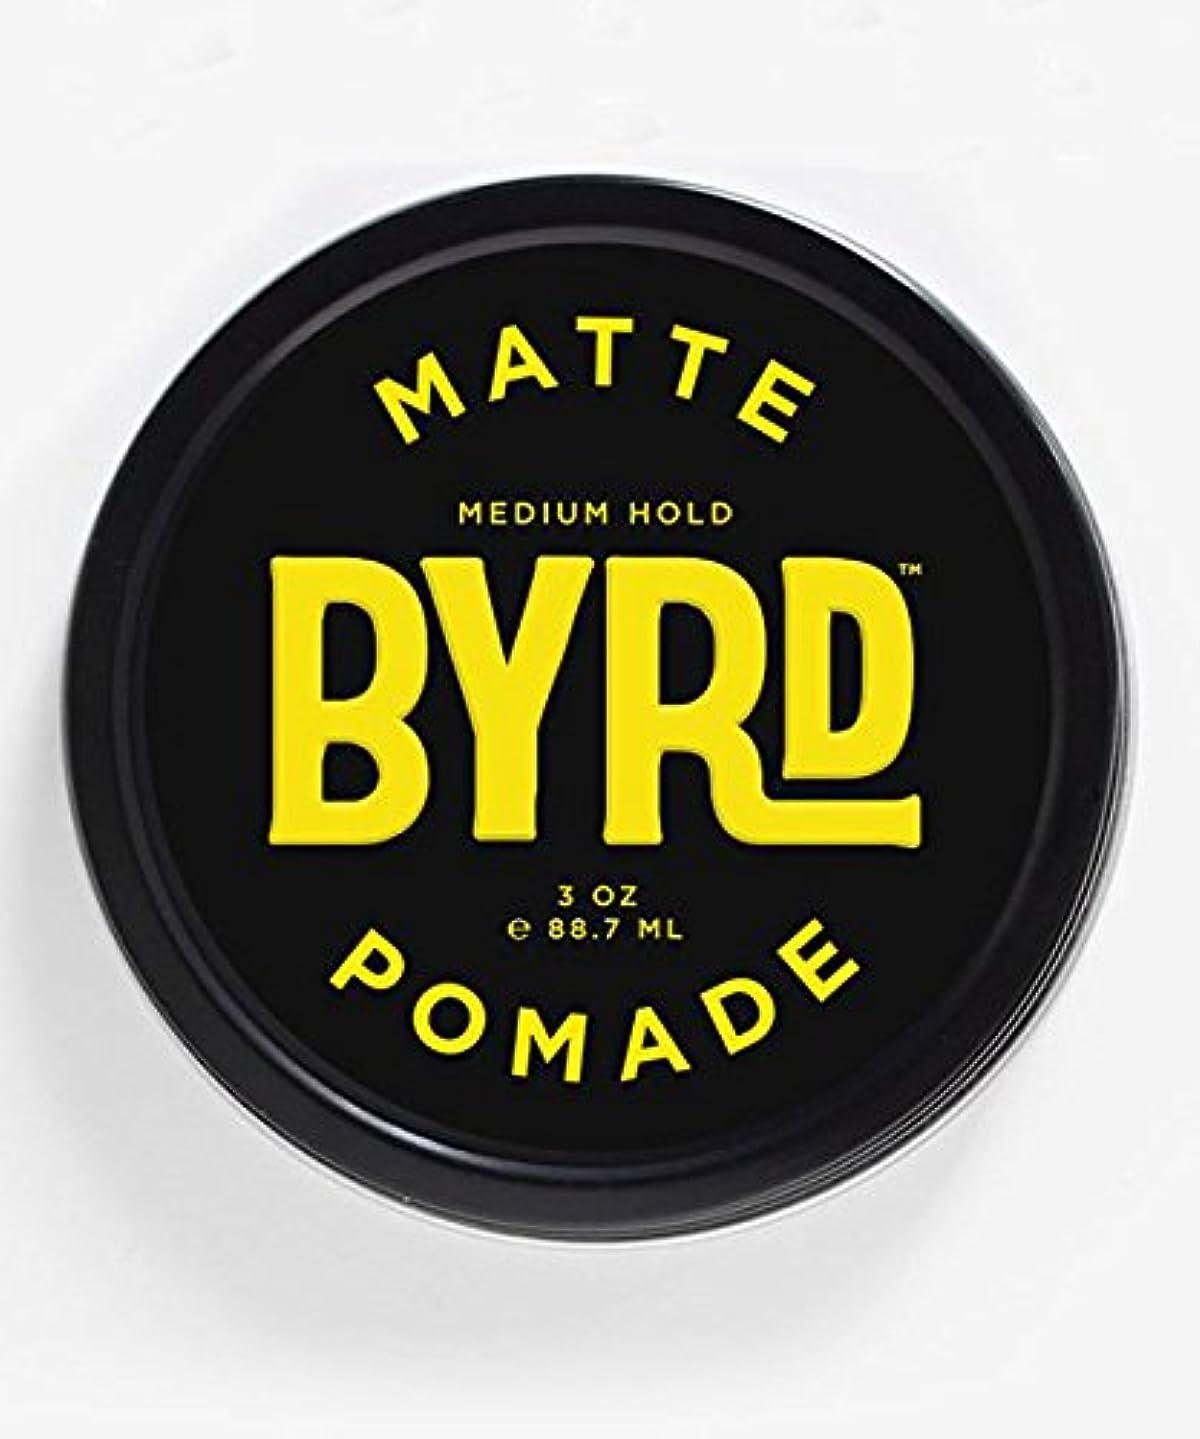 汚れたバック注ぎますBYRD(バード) マットポマード 85g